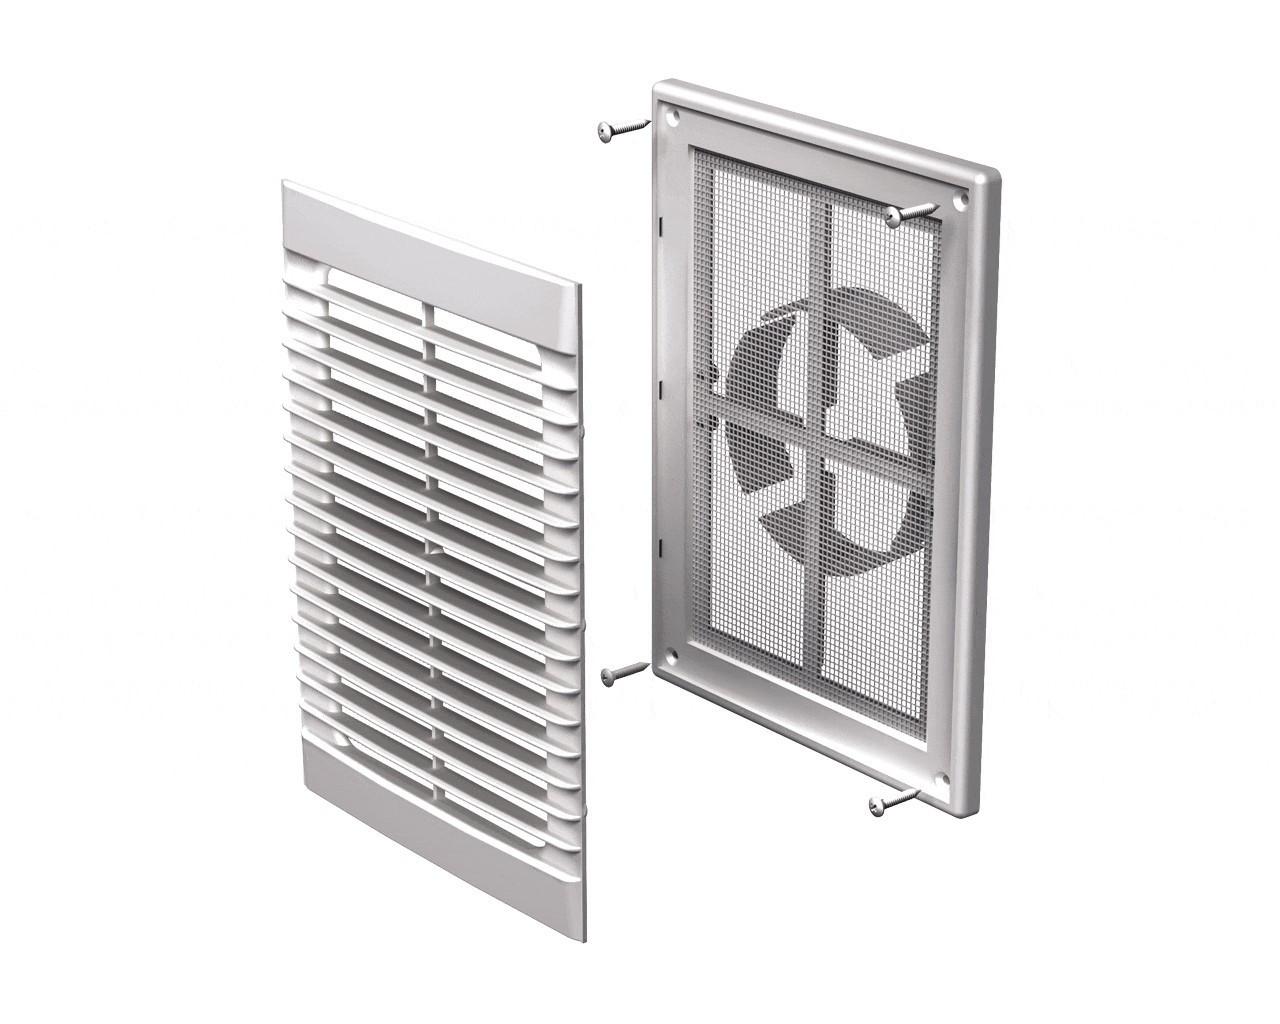 Вентиляционная решетка пластиковая Вентс МВ 126 ВДМс